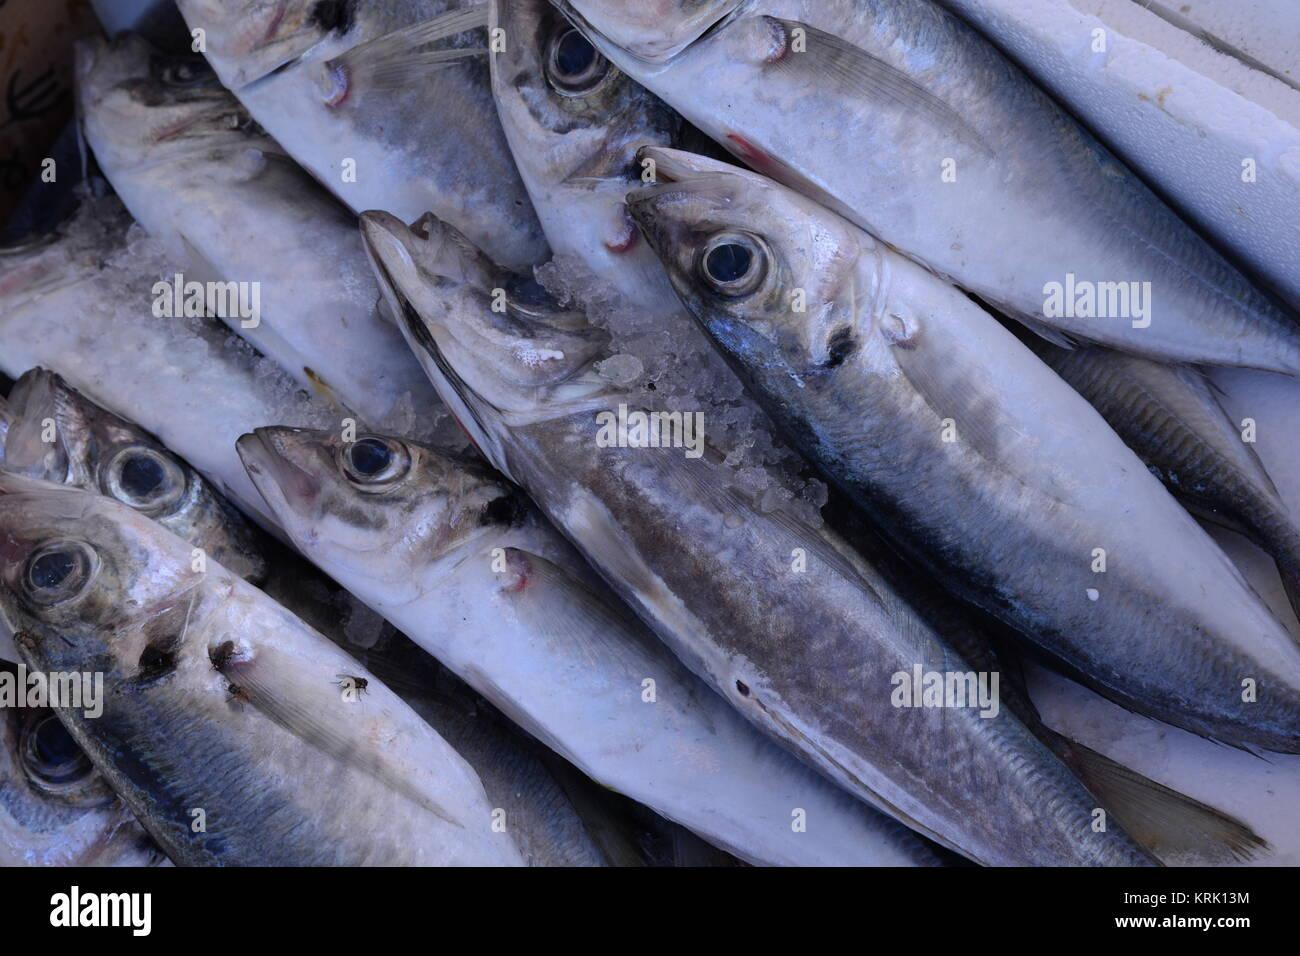 Charmant Fisch, Fische, Markt, Fischmarkt, Nahrung, Essen, Lebensmittel, Küche,  Eiweiß, Eiweißreich, Ernährung, Fischerei, Fischfang, Fischwirtschaft